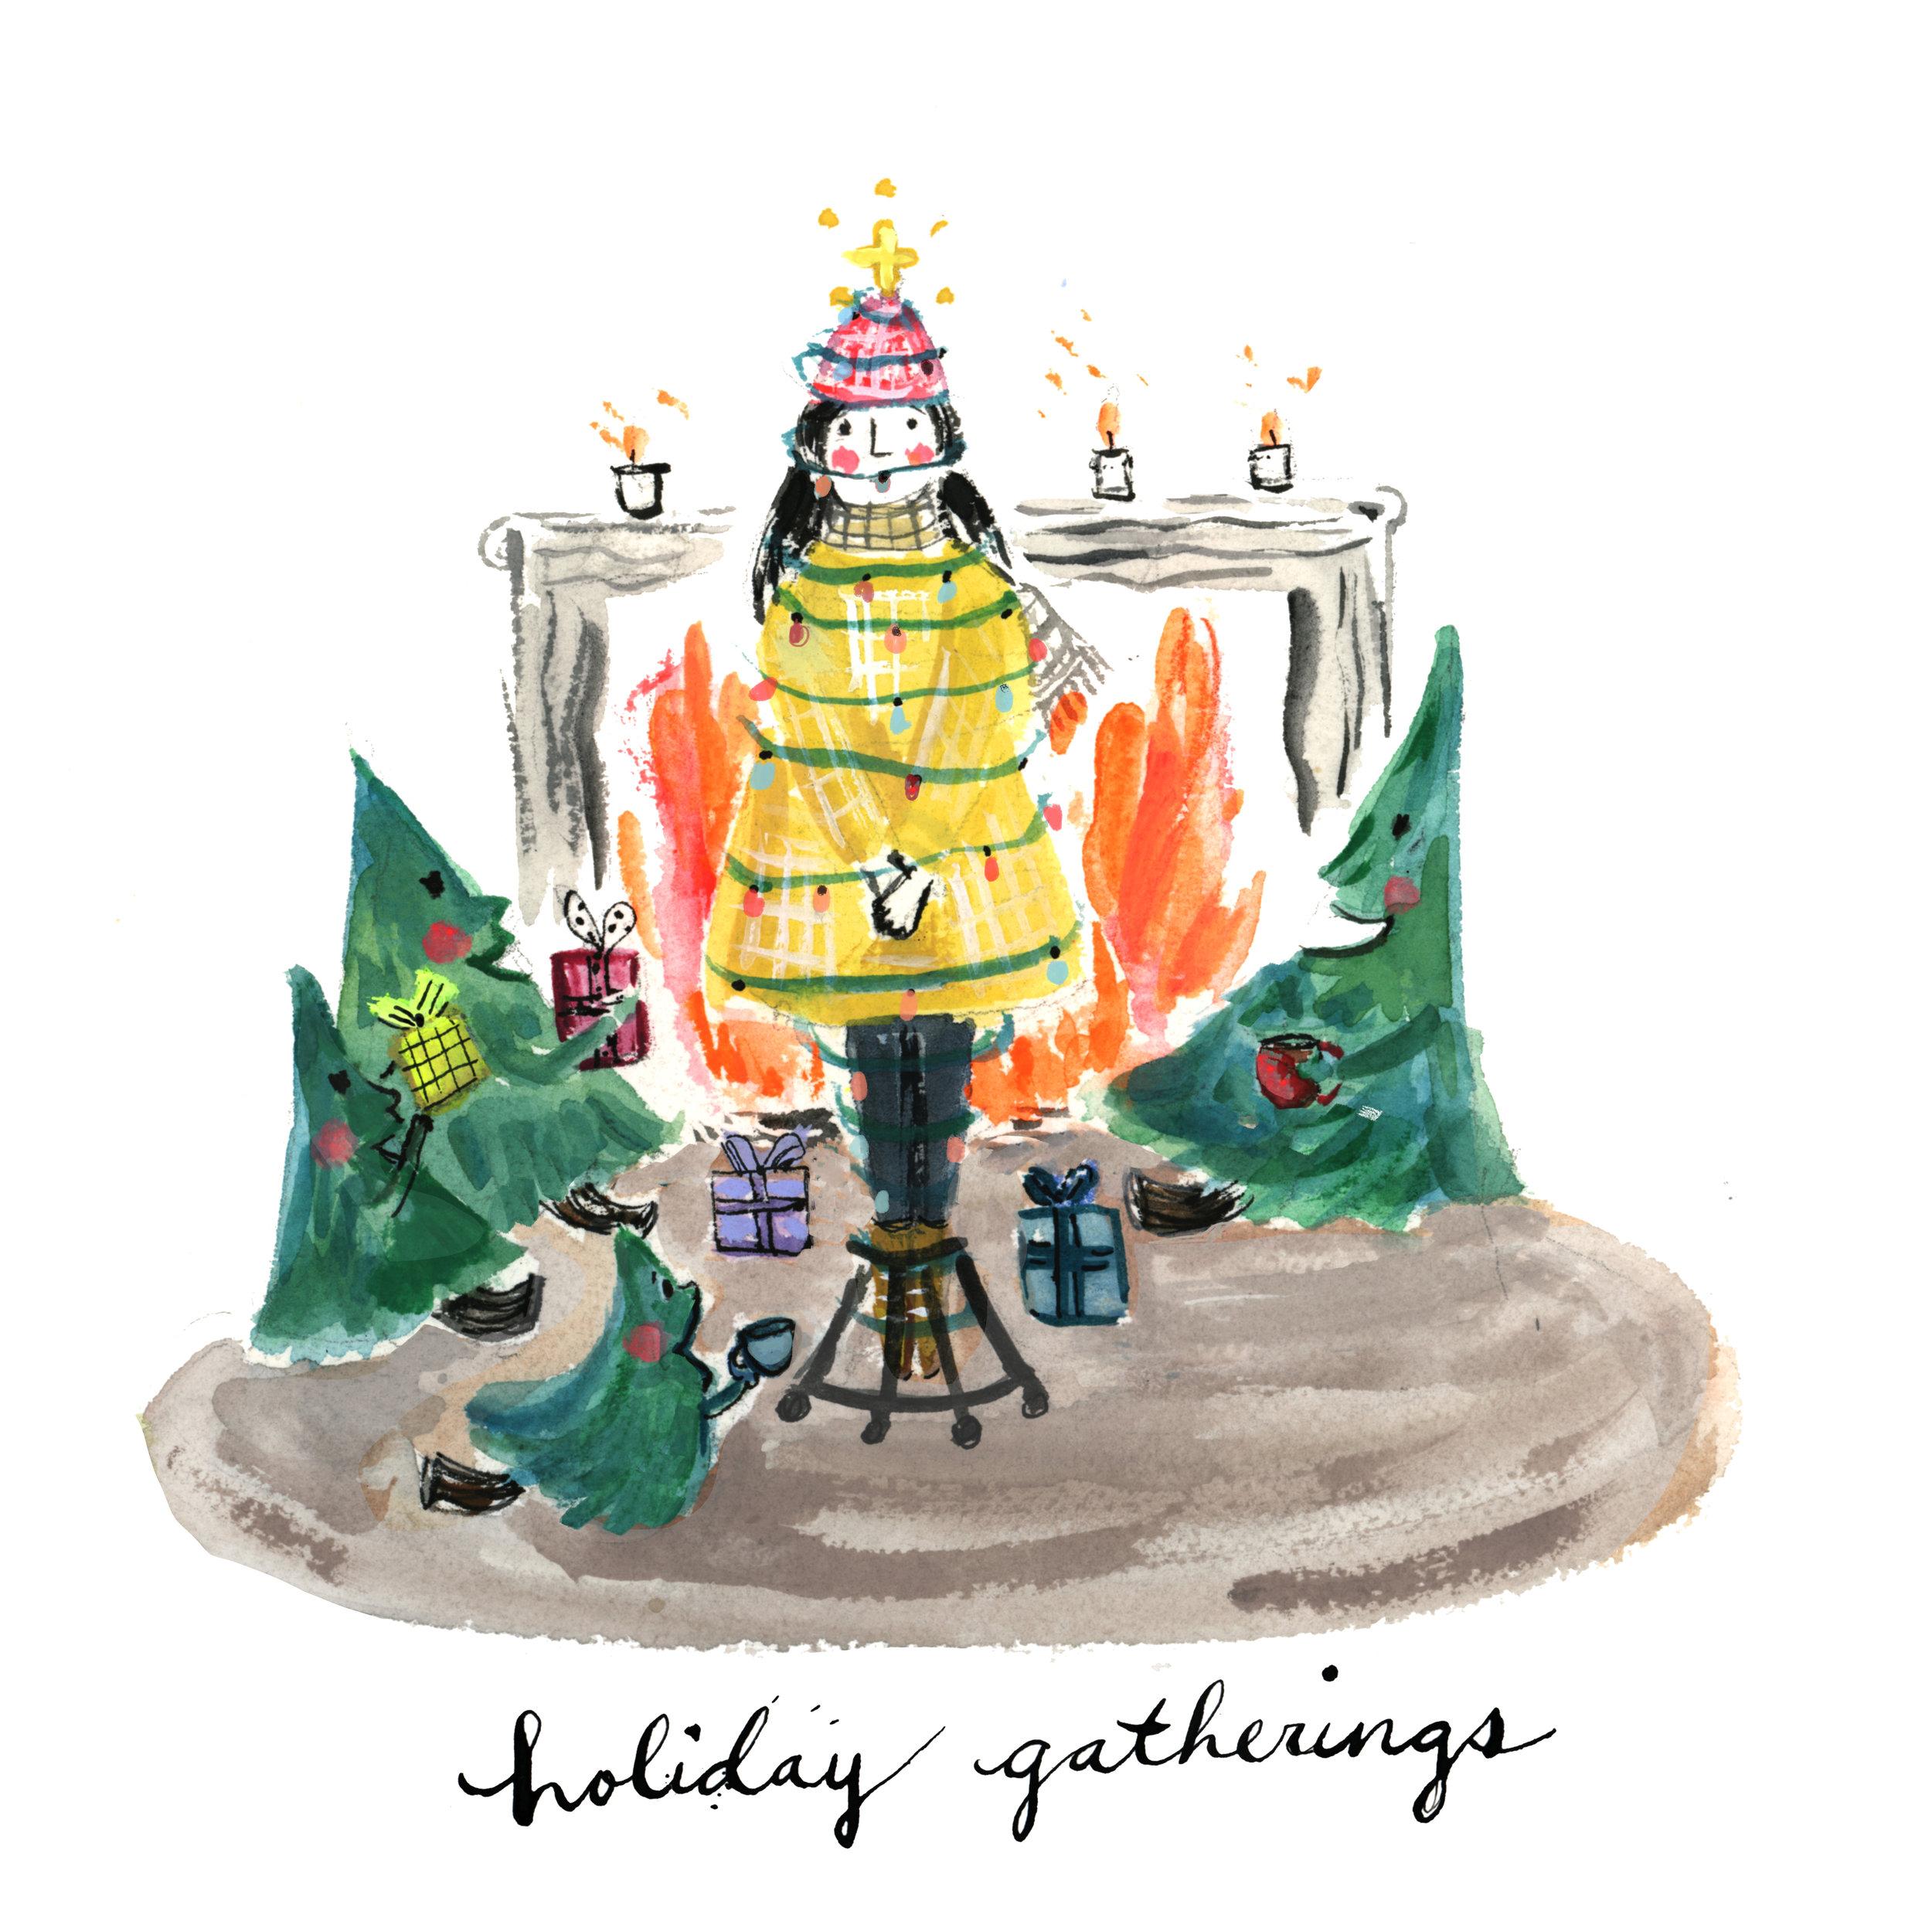 holiday_gatherings_small.jpg